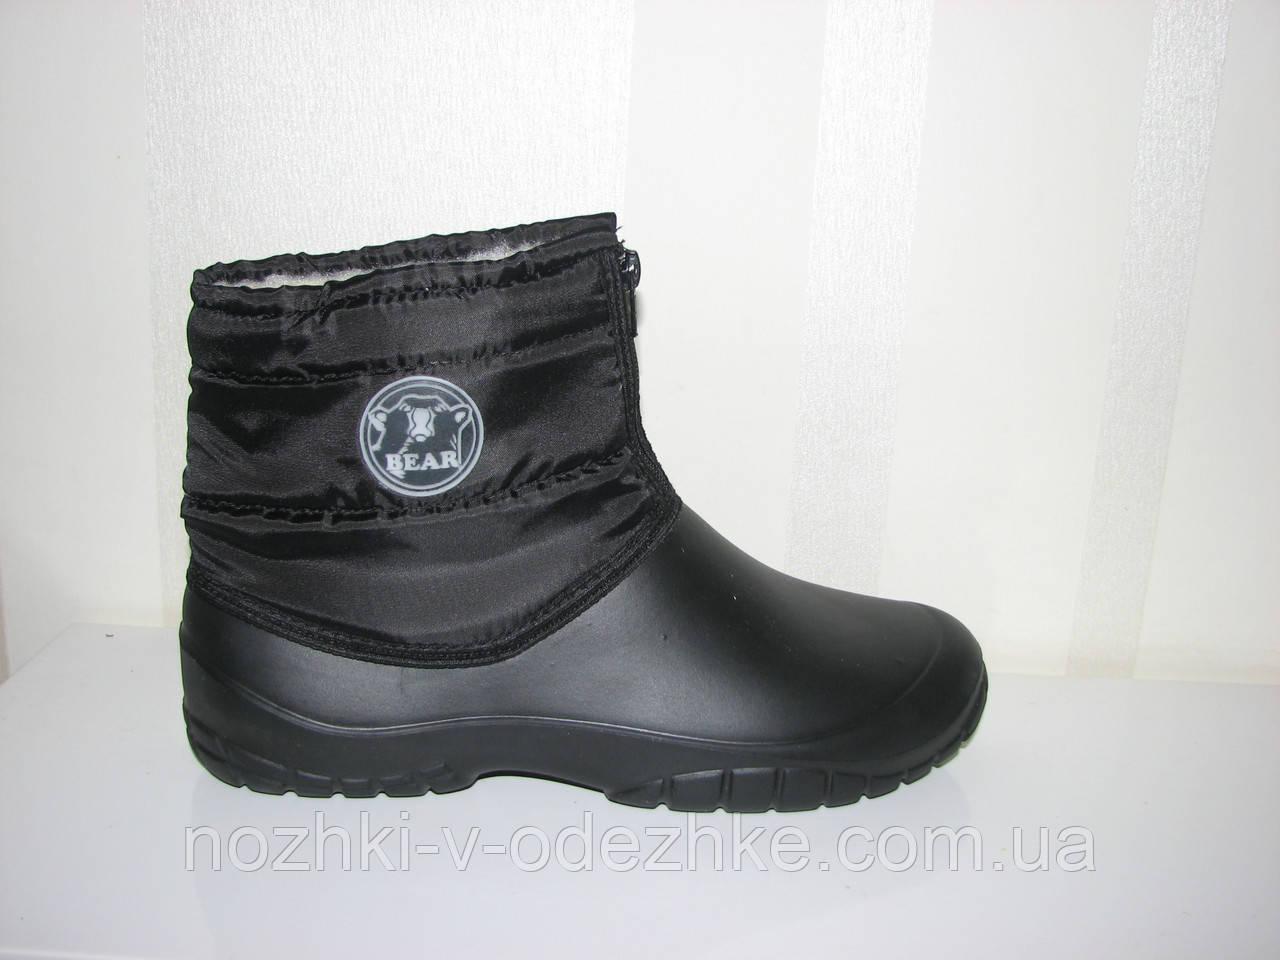 1a50f01f4 Мужские ботинки на змейке ЭВА зимние - Интернет магазин